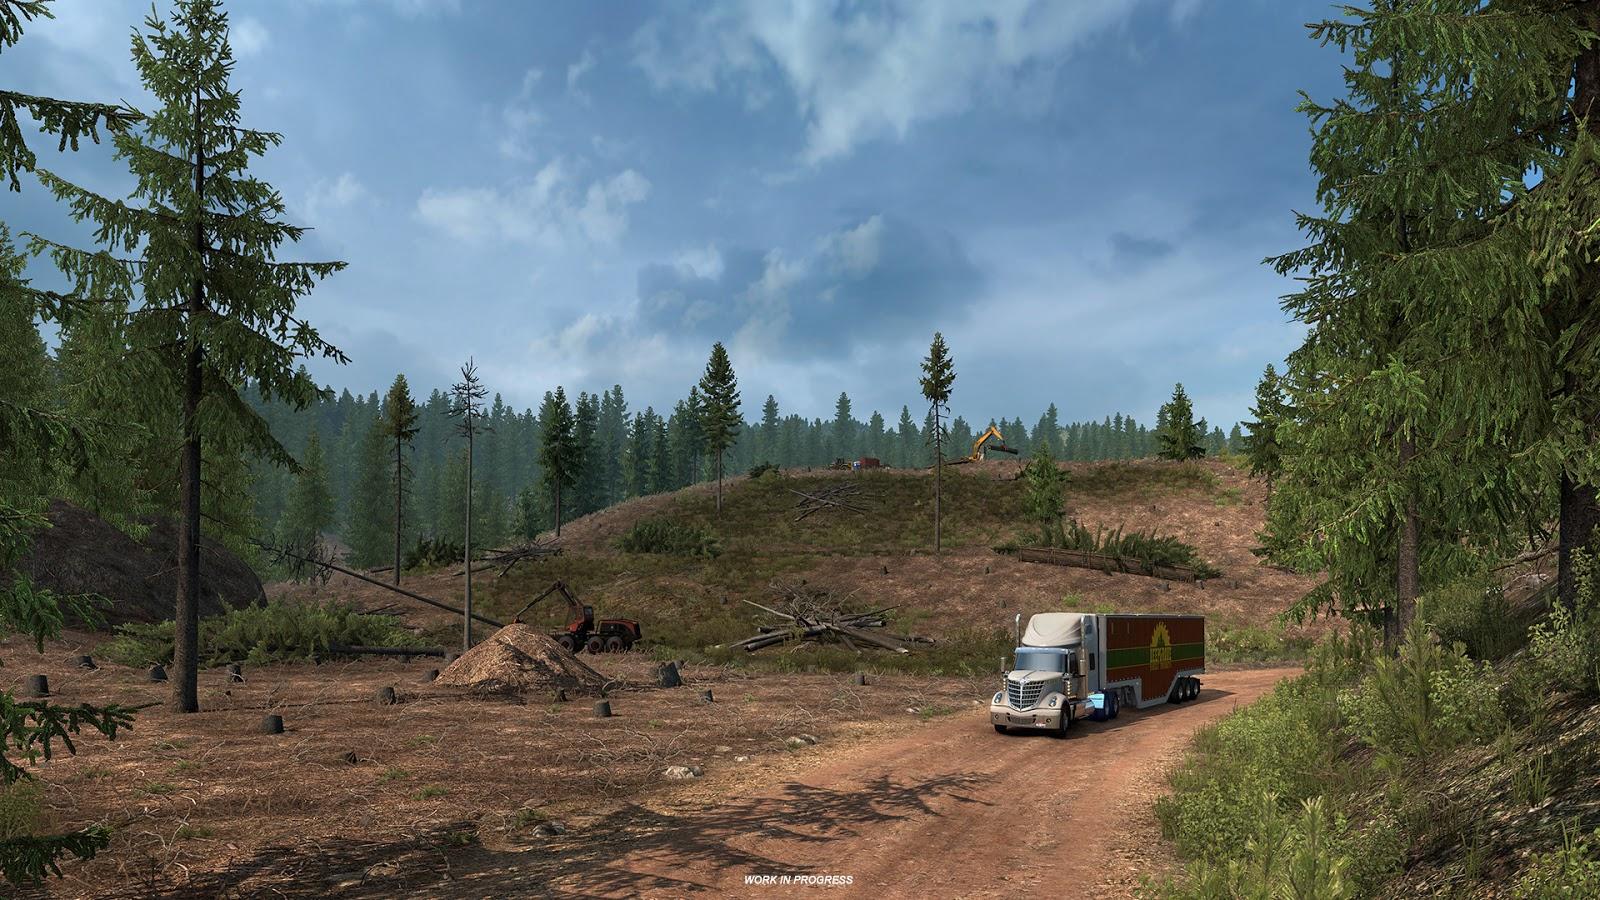 ats-idaho-3-jpg American Truck Sim | More Idaho Previews - Logging